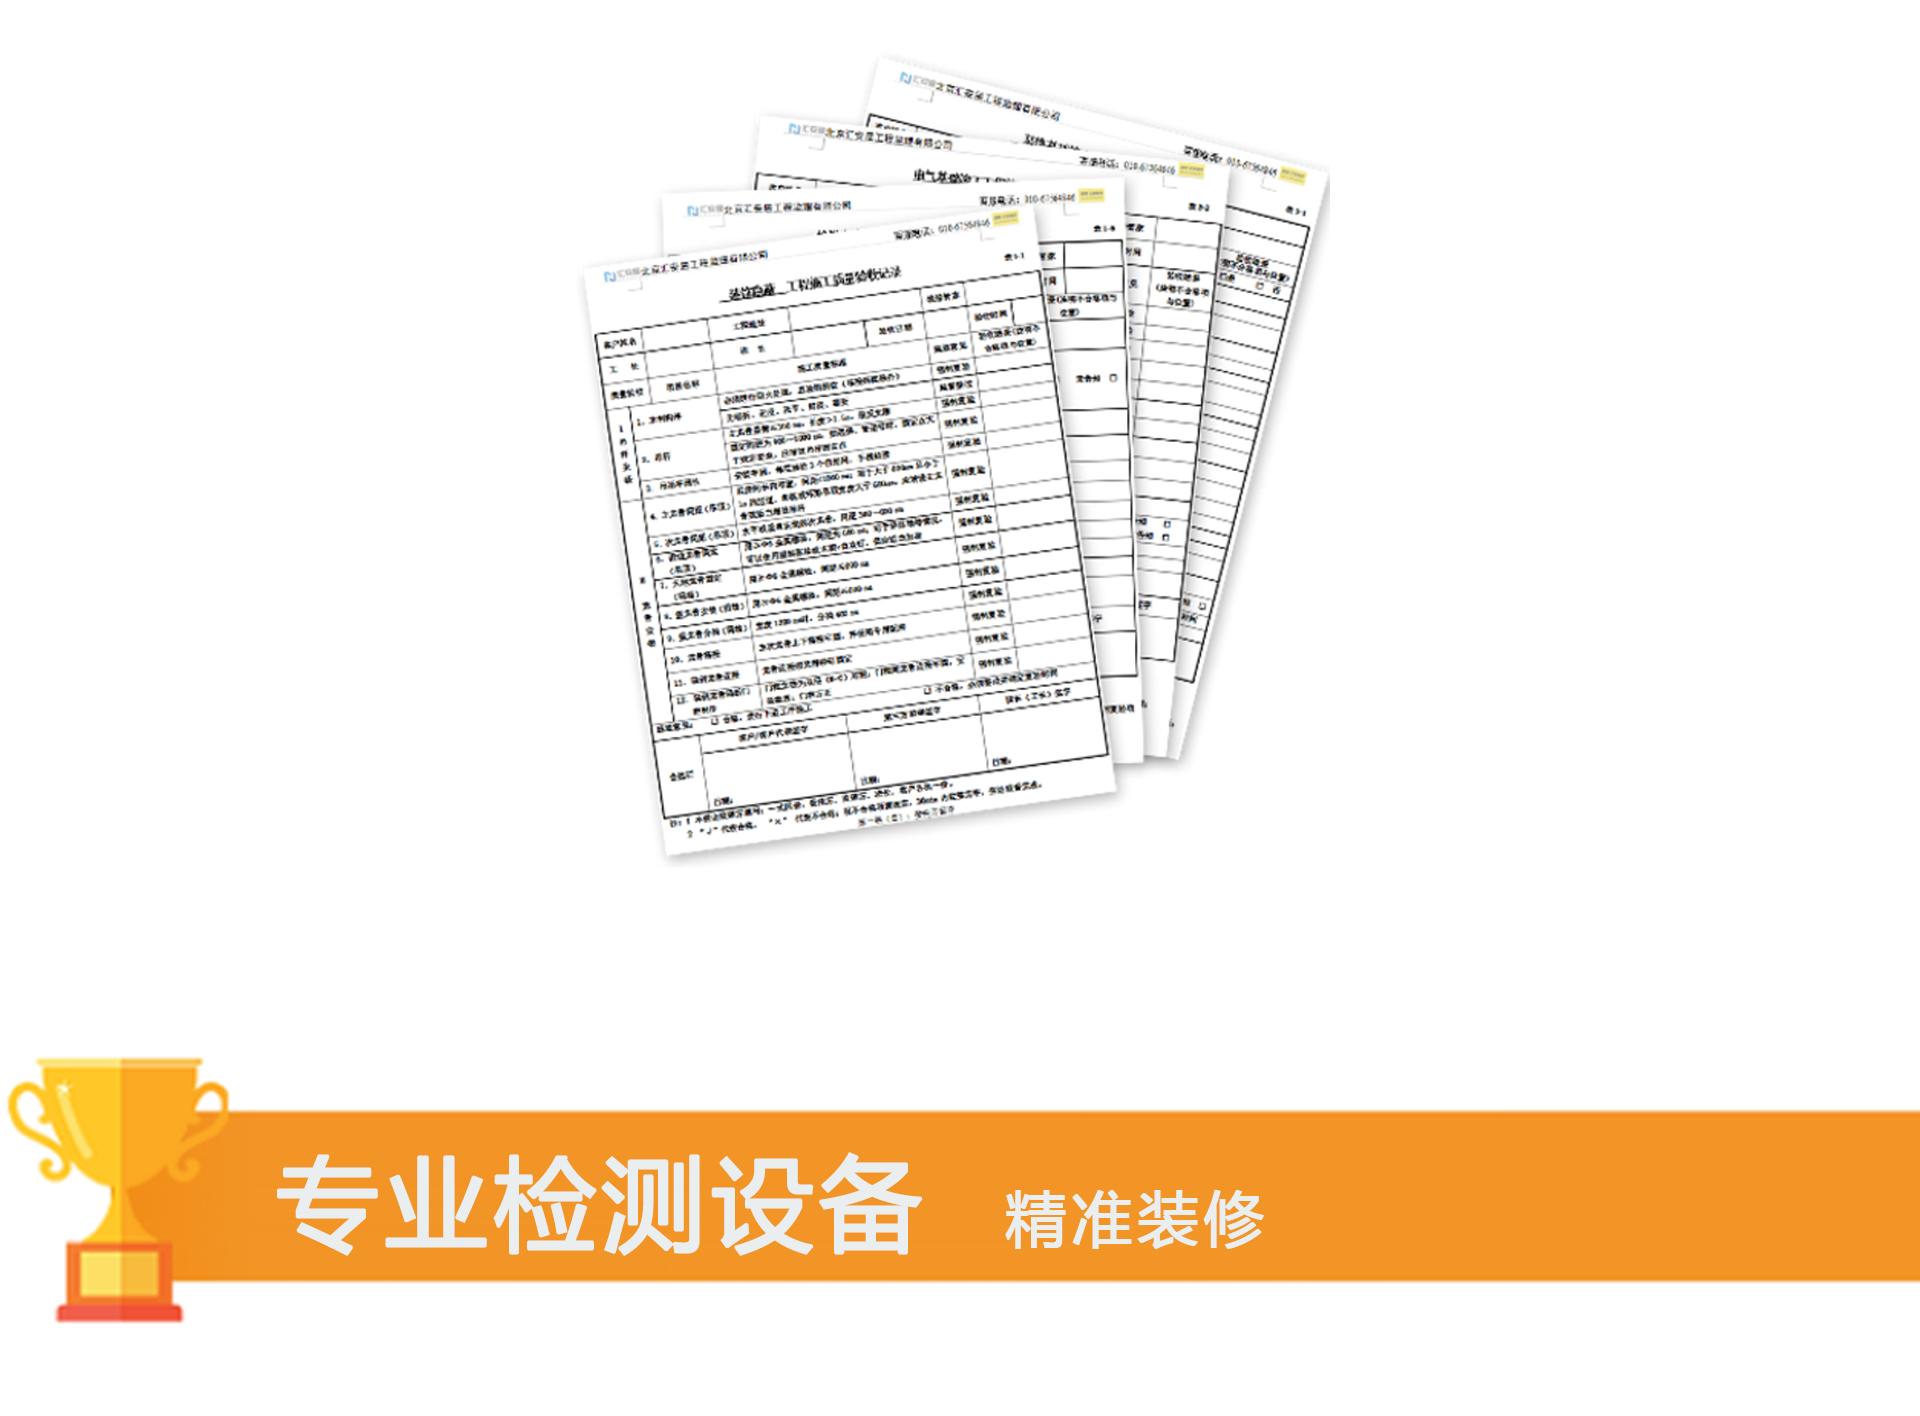 业之峰第三方检查工程_07.jpg